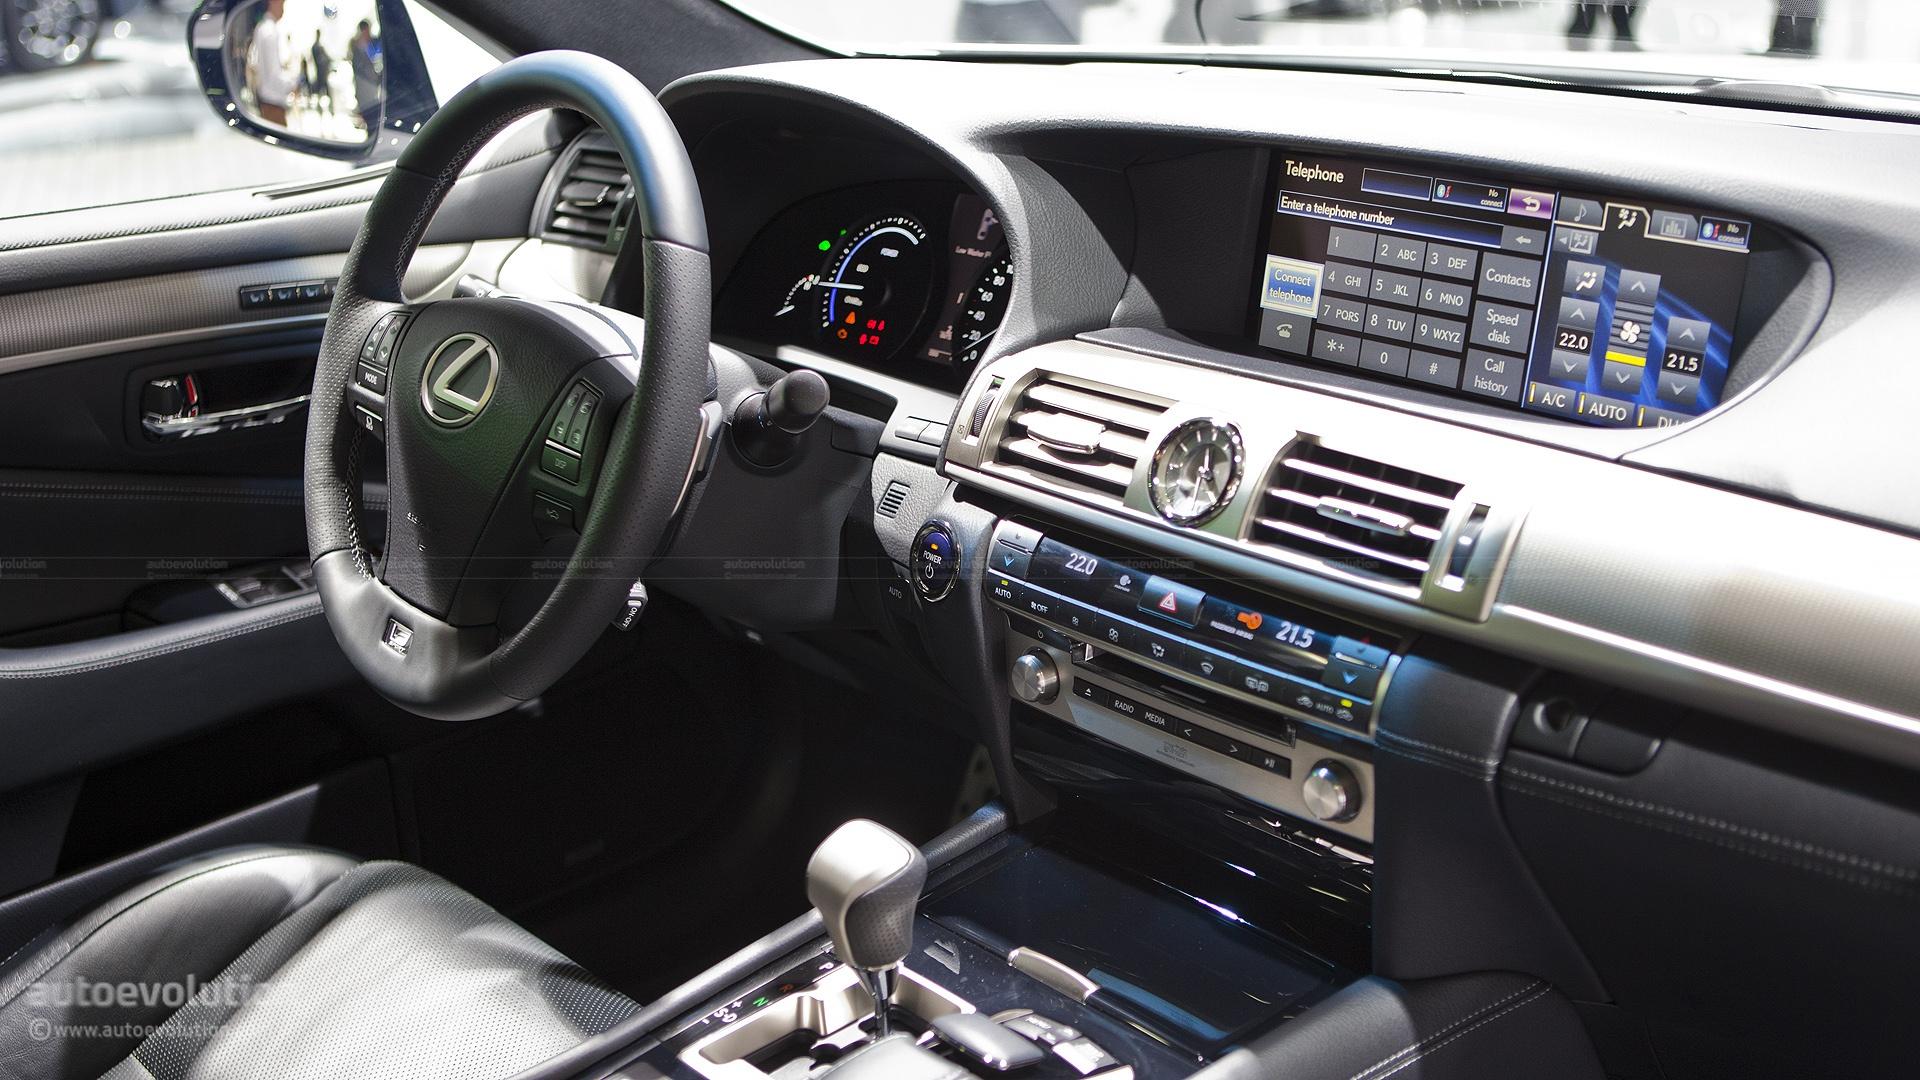 Paris 2012 Lexus LS600h Live Photos Autoevolution